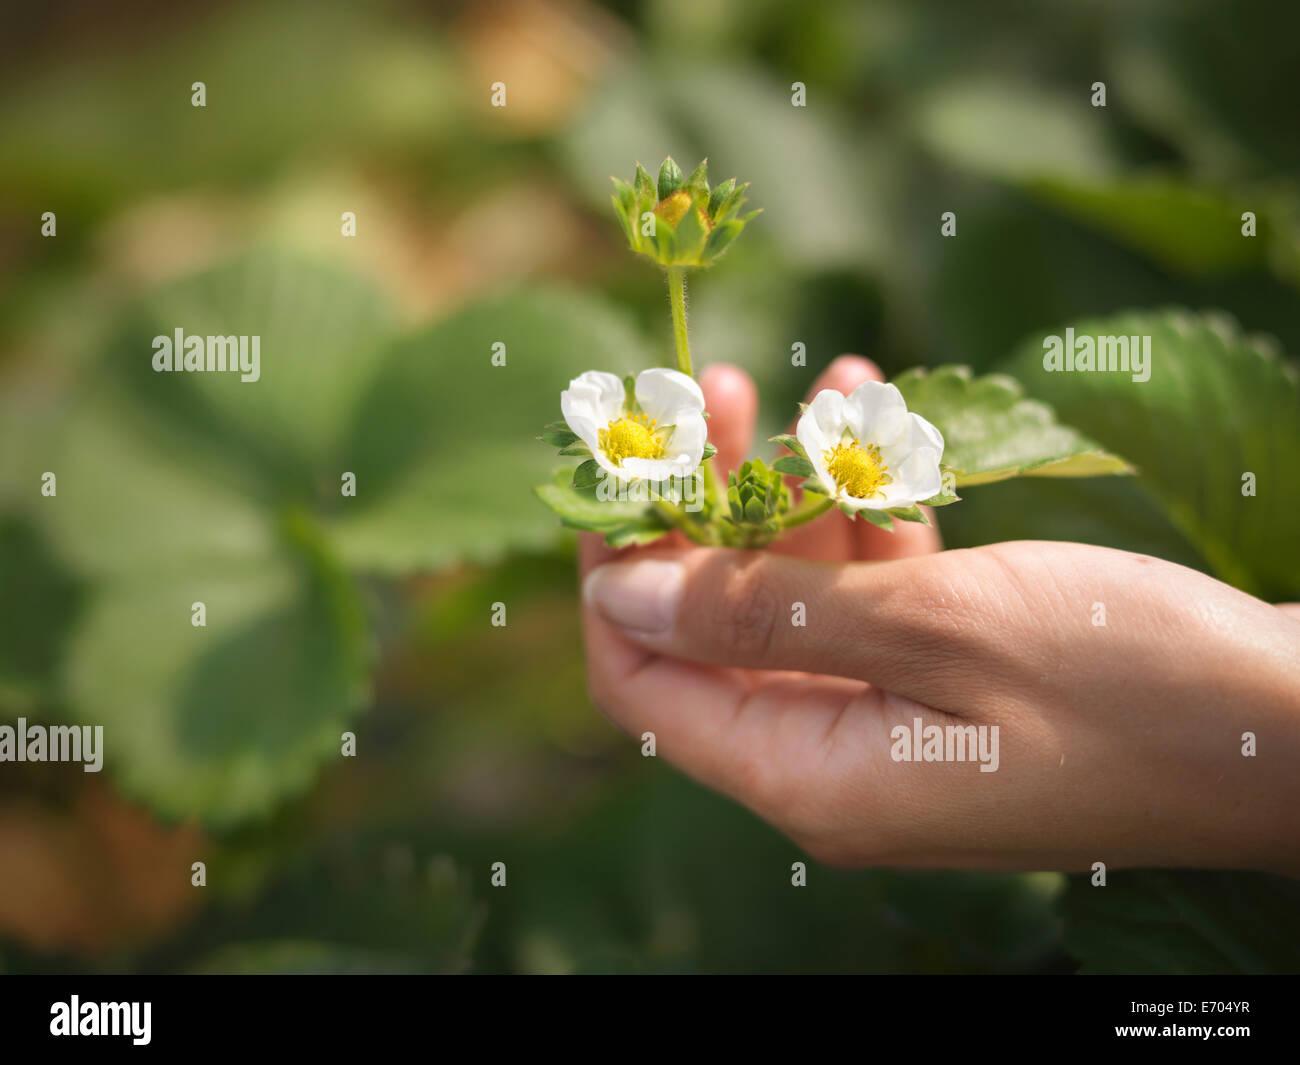 Cerca de manos sosteniendo flores de fresa en la granja de frutas Imagen De Stock